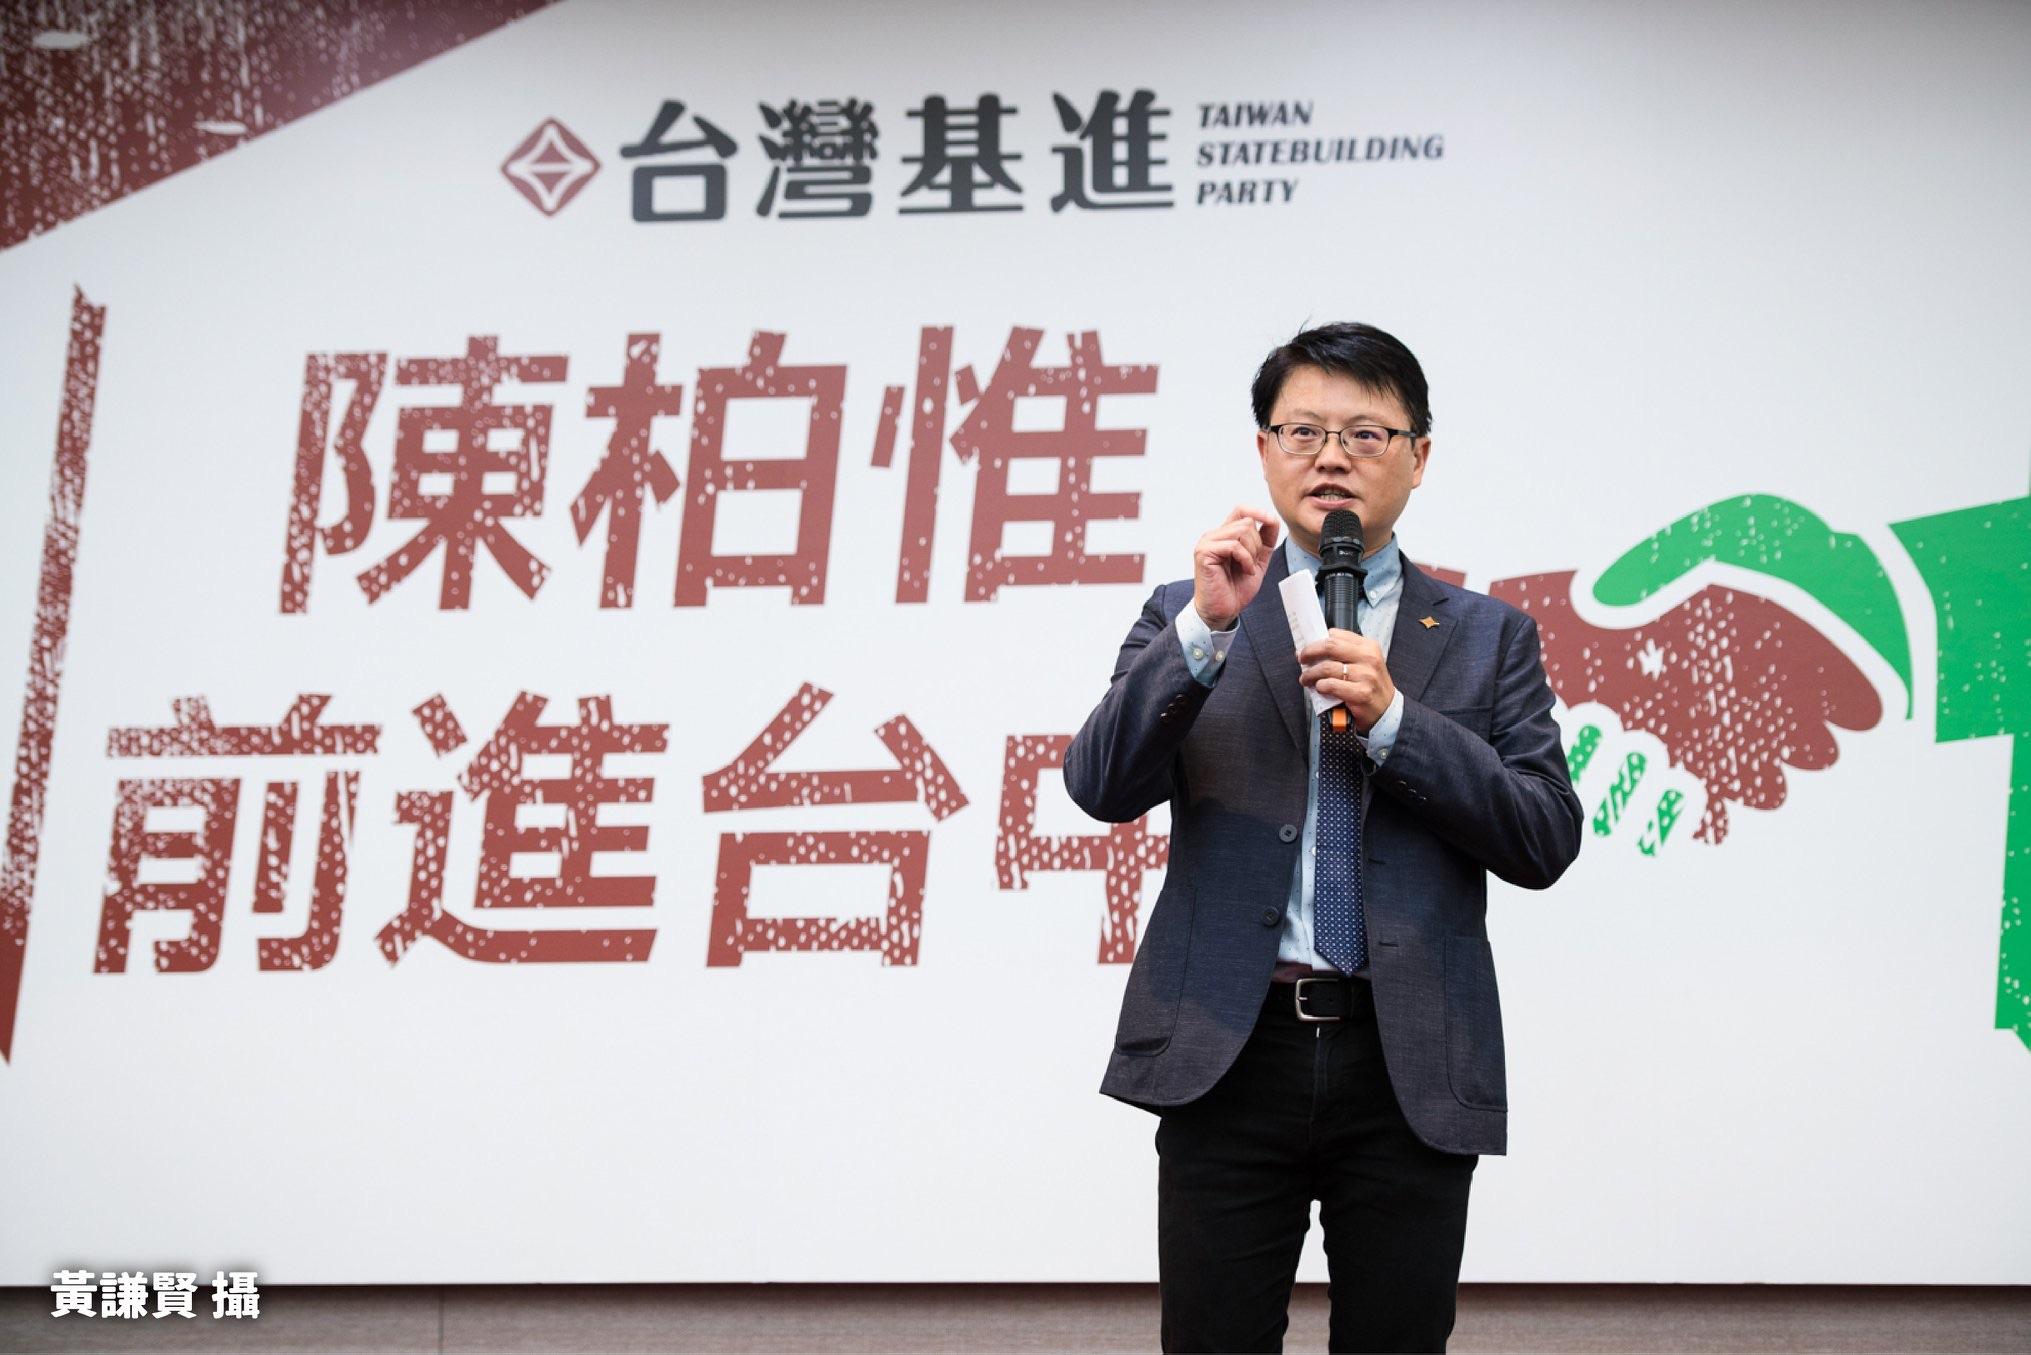 台灣基進黨主席陳奕齊